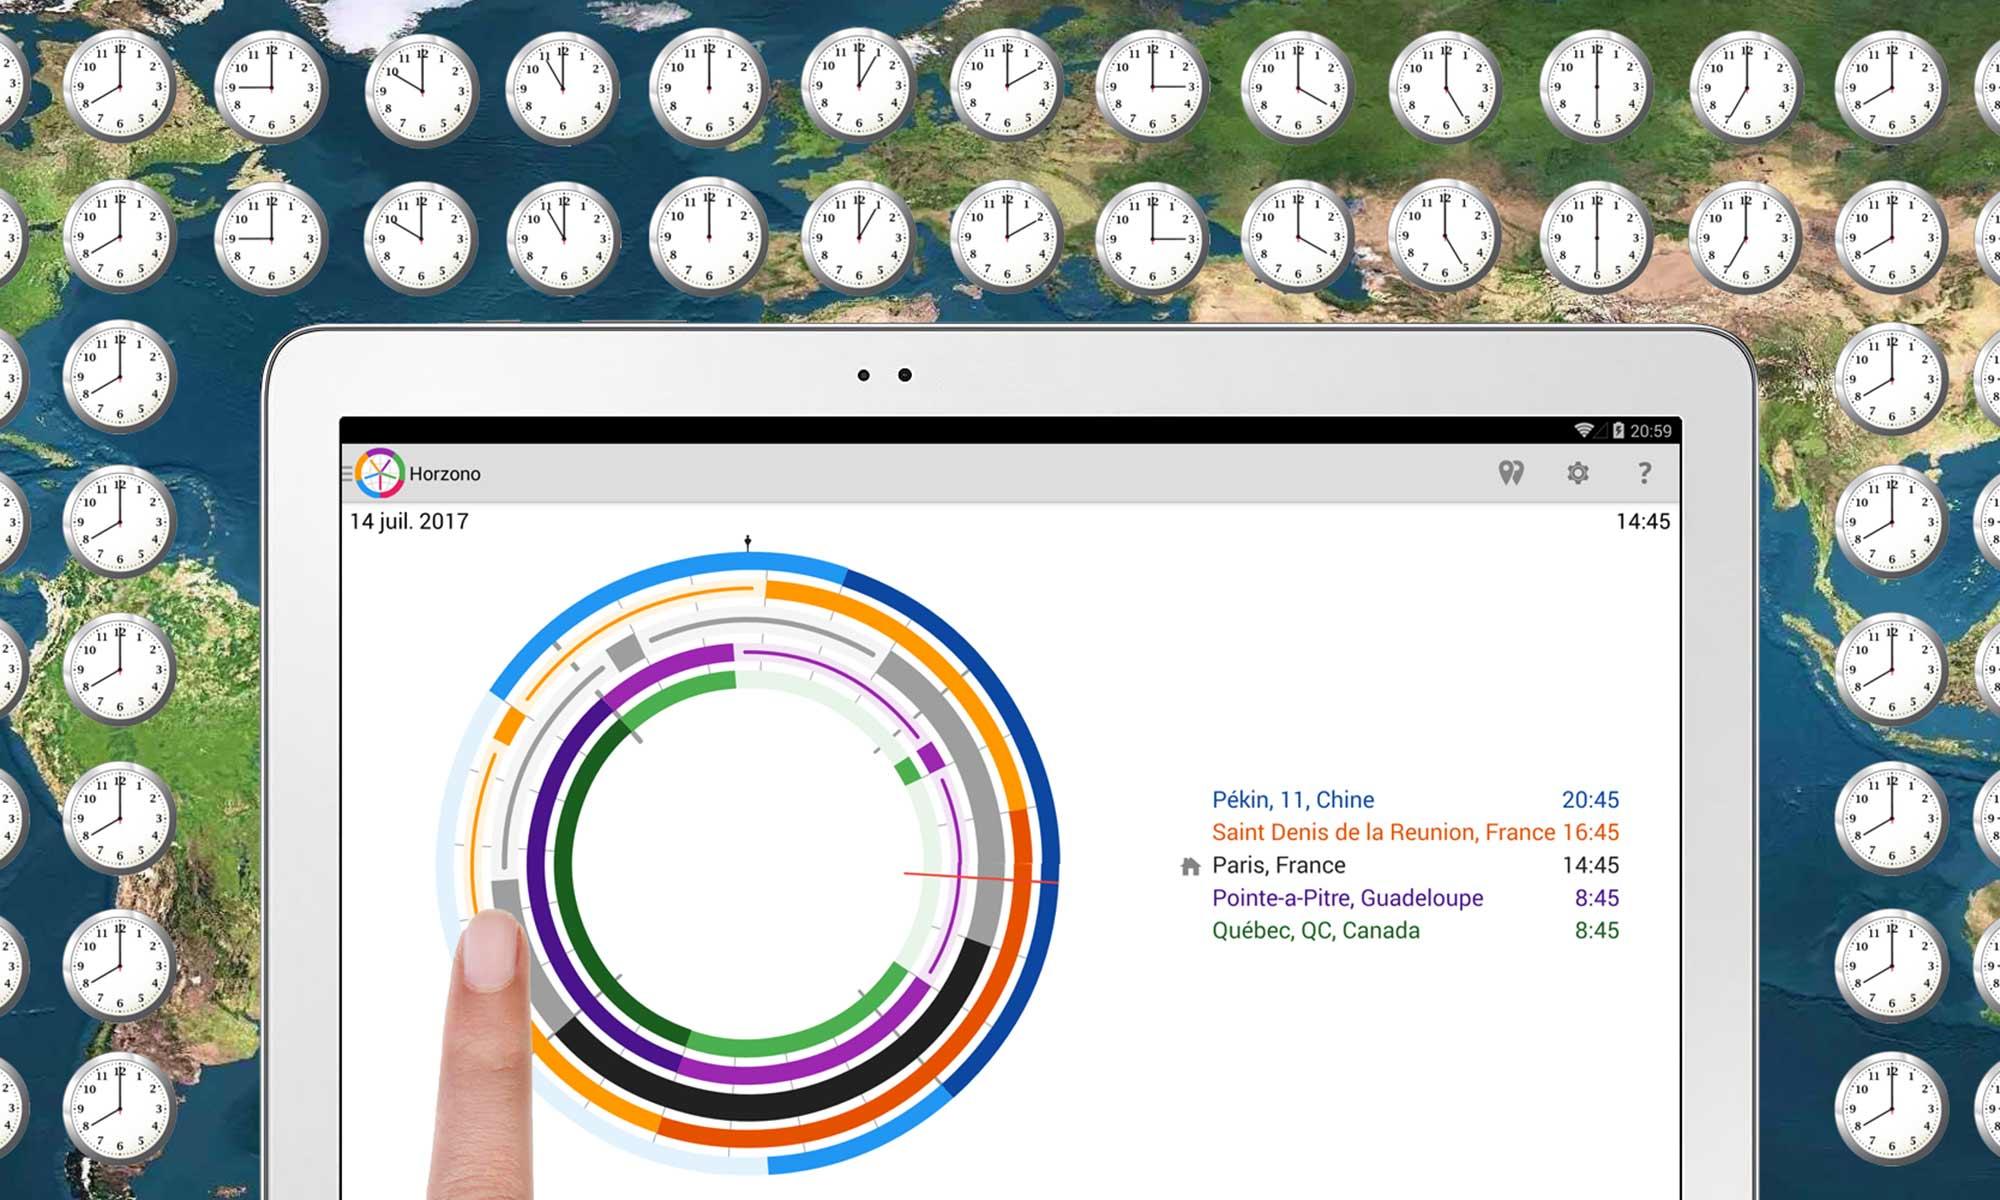 des exemples de comparaison visuelle du temps dans différents endroits du globe, chaque ville ayant son propre fuseau horaire, avec l'application Horzono de Prosults Studio